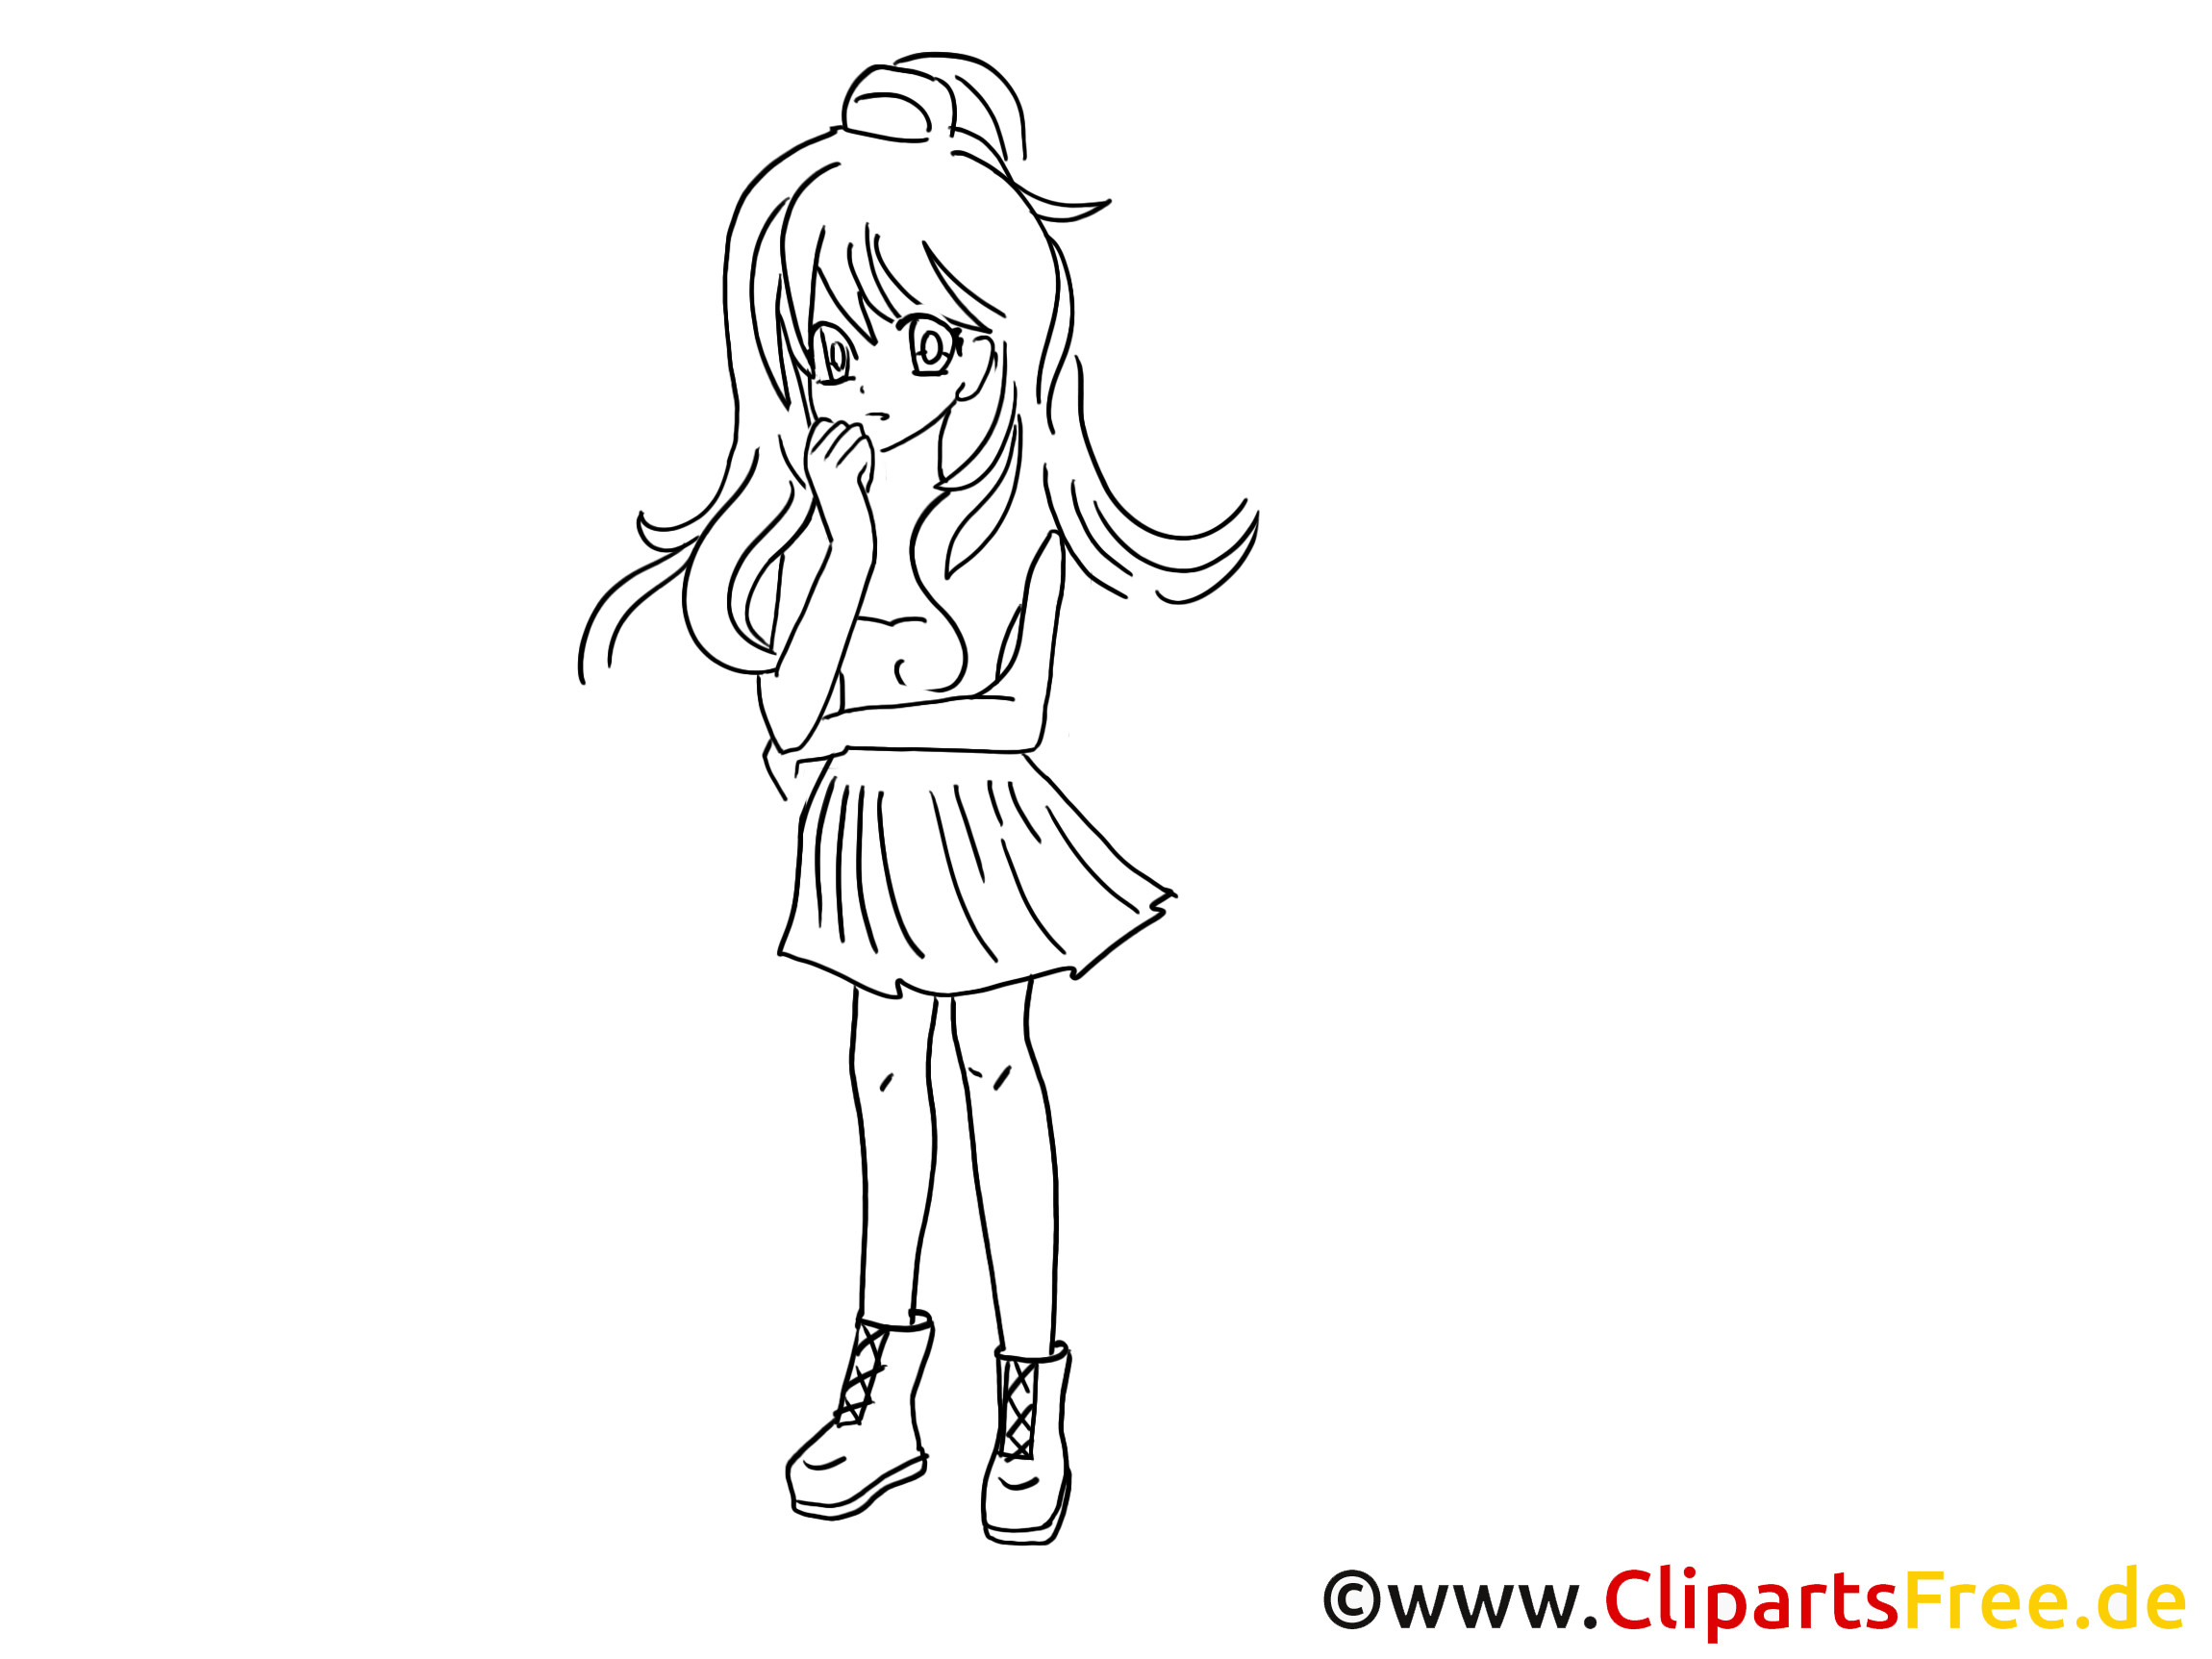 Ausmalbilder Anime Tiere  Anime zum Ausmalen Malvorlage Ausmalbild gratis